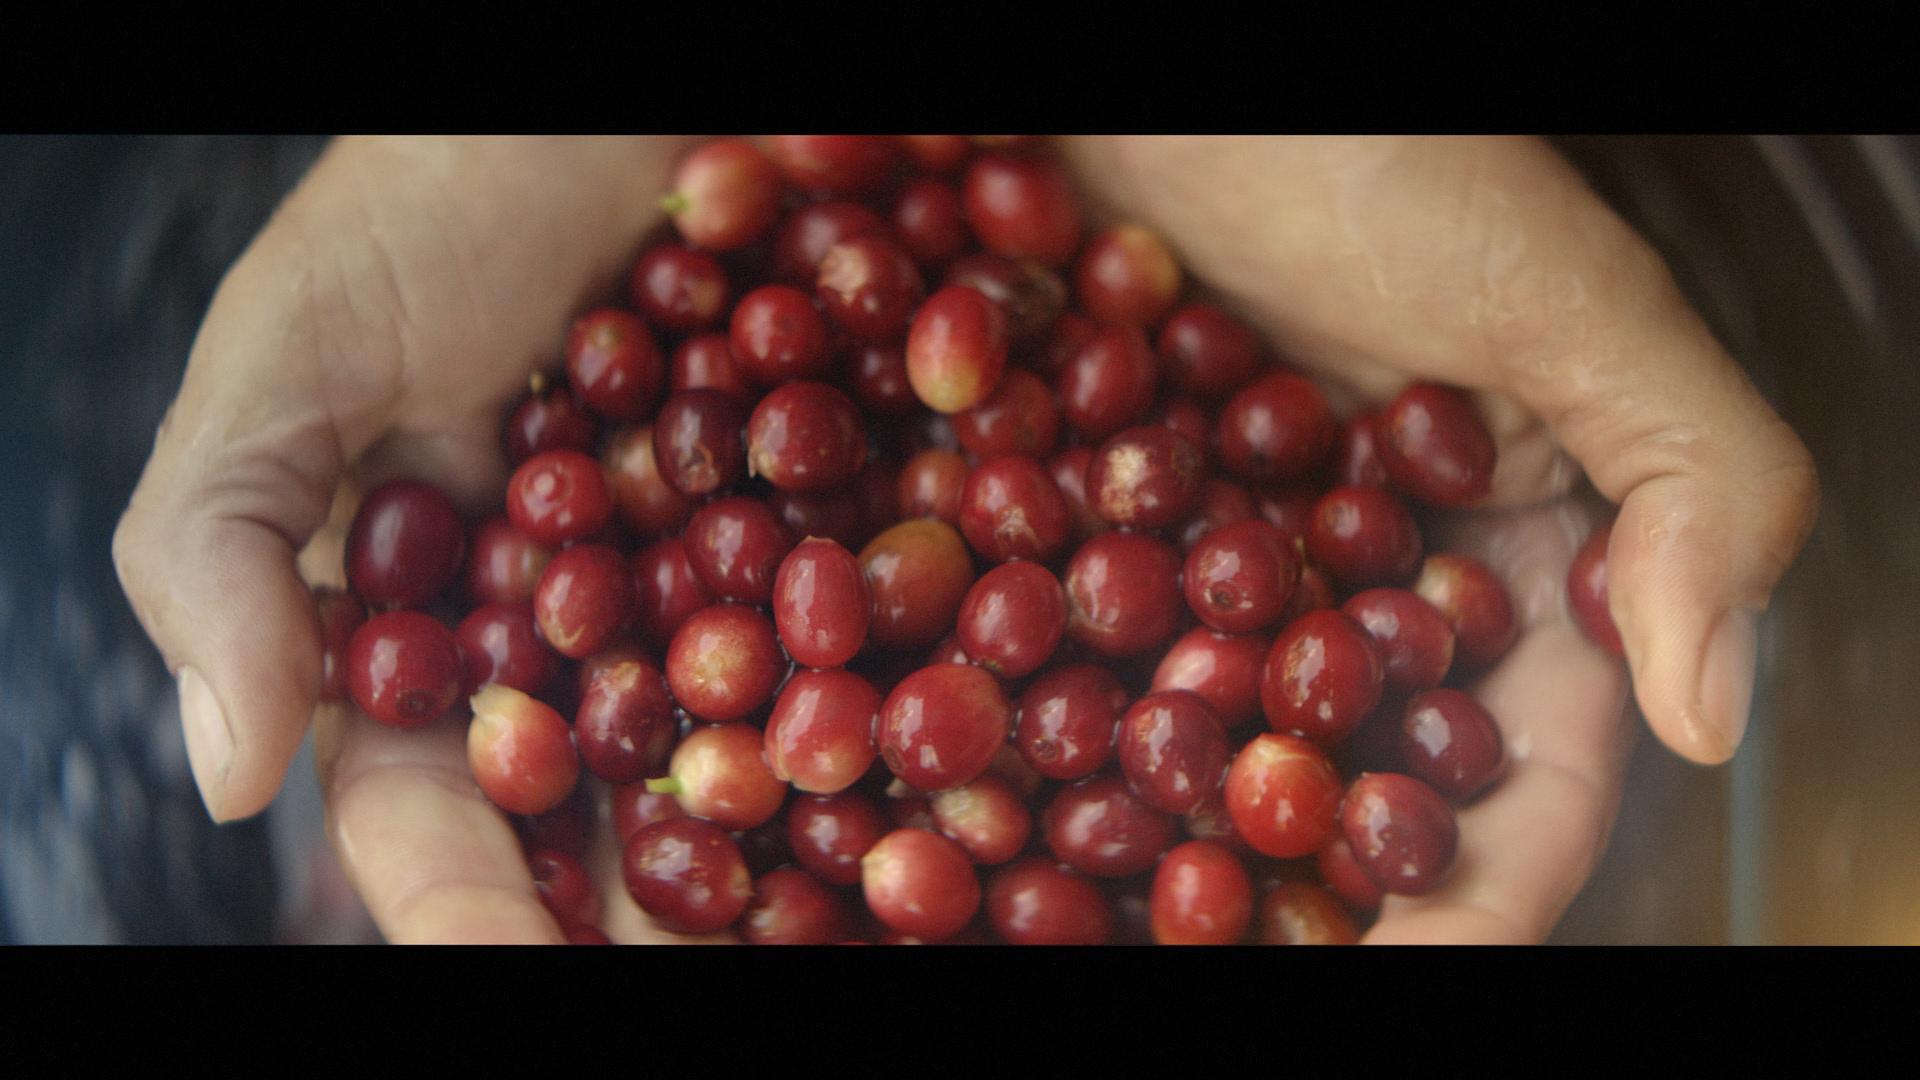 BKI_Image1_Brazil_Kaffe_Import_14_35s_32822.mov.01_00_16_03.Still006